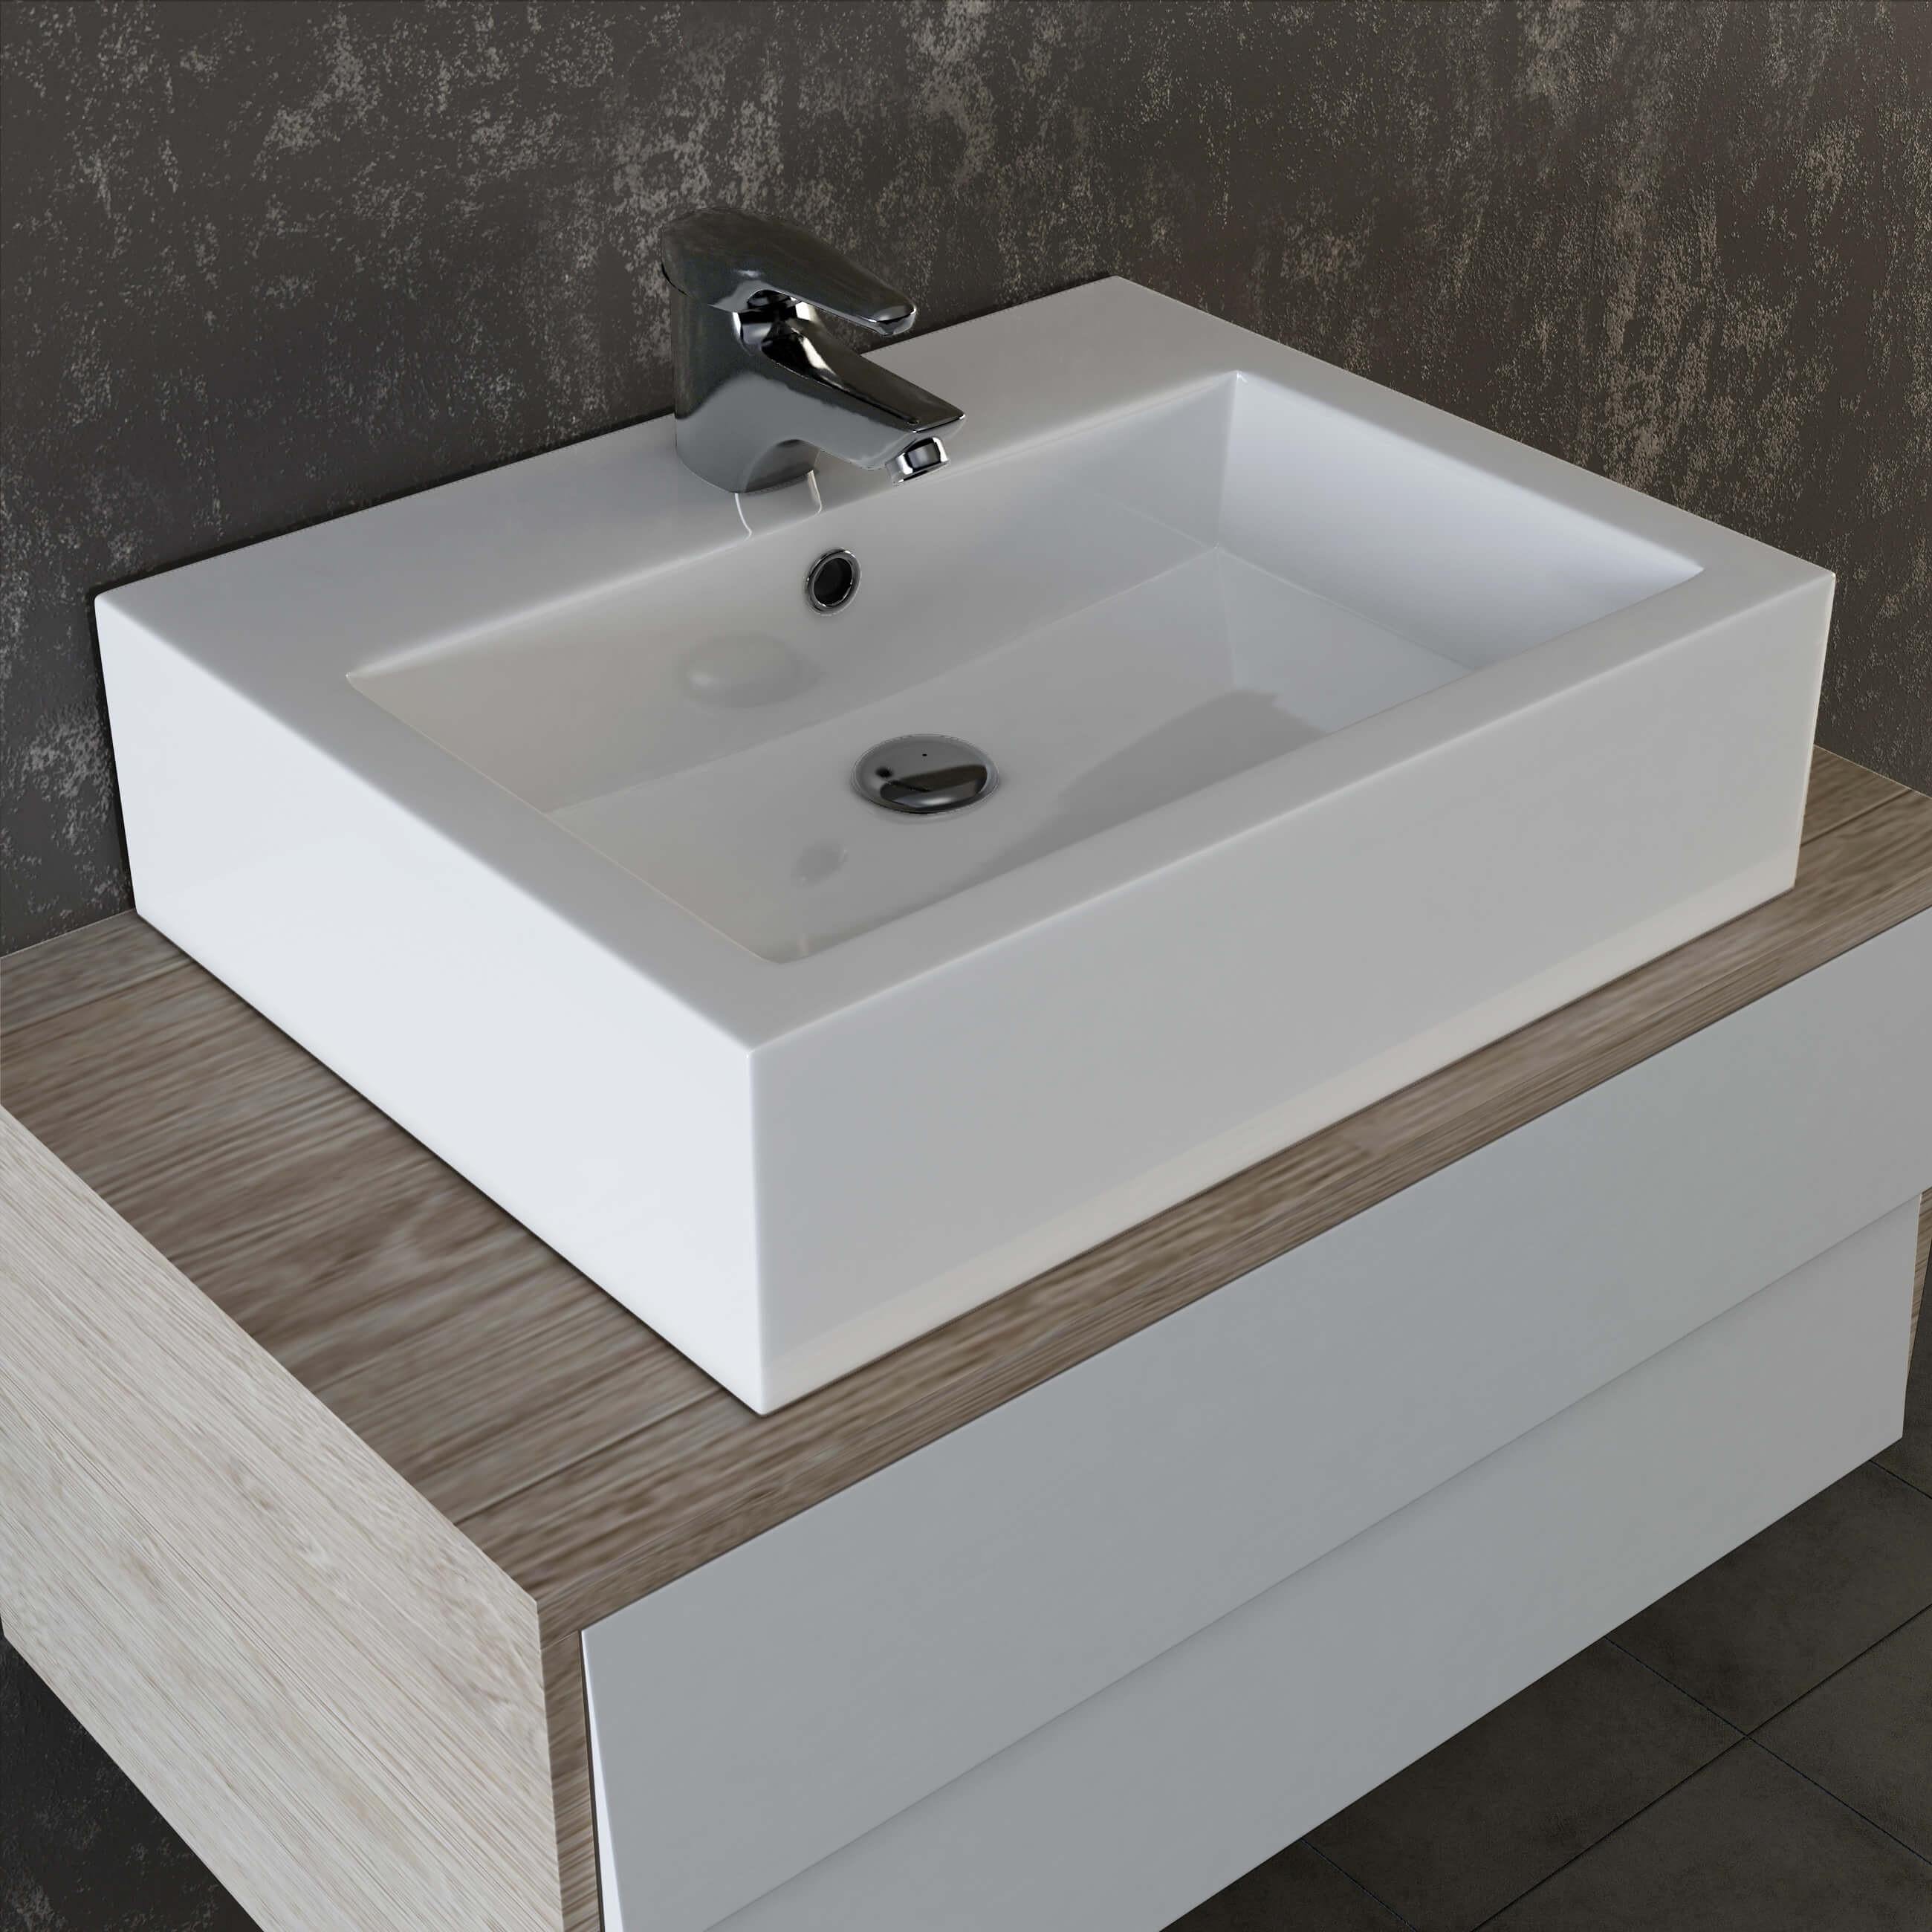 Waschbecken Eckig  VILSTEIN© Keramik Waschbecken Hängewaschbecken